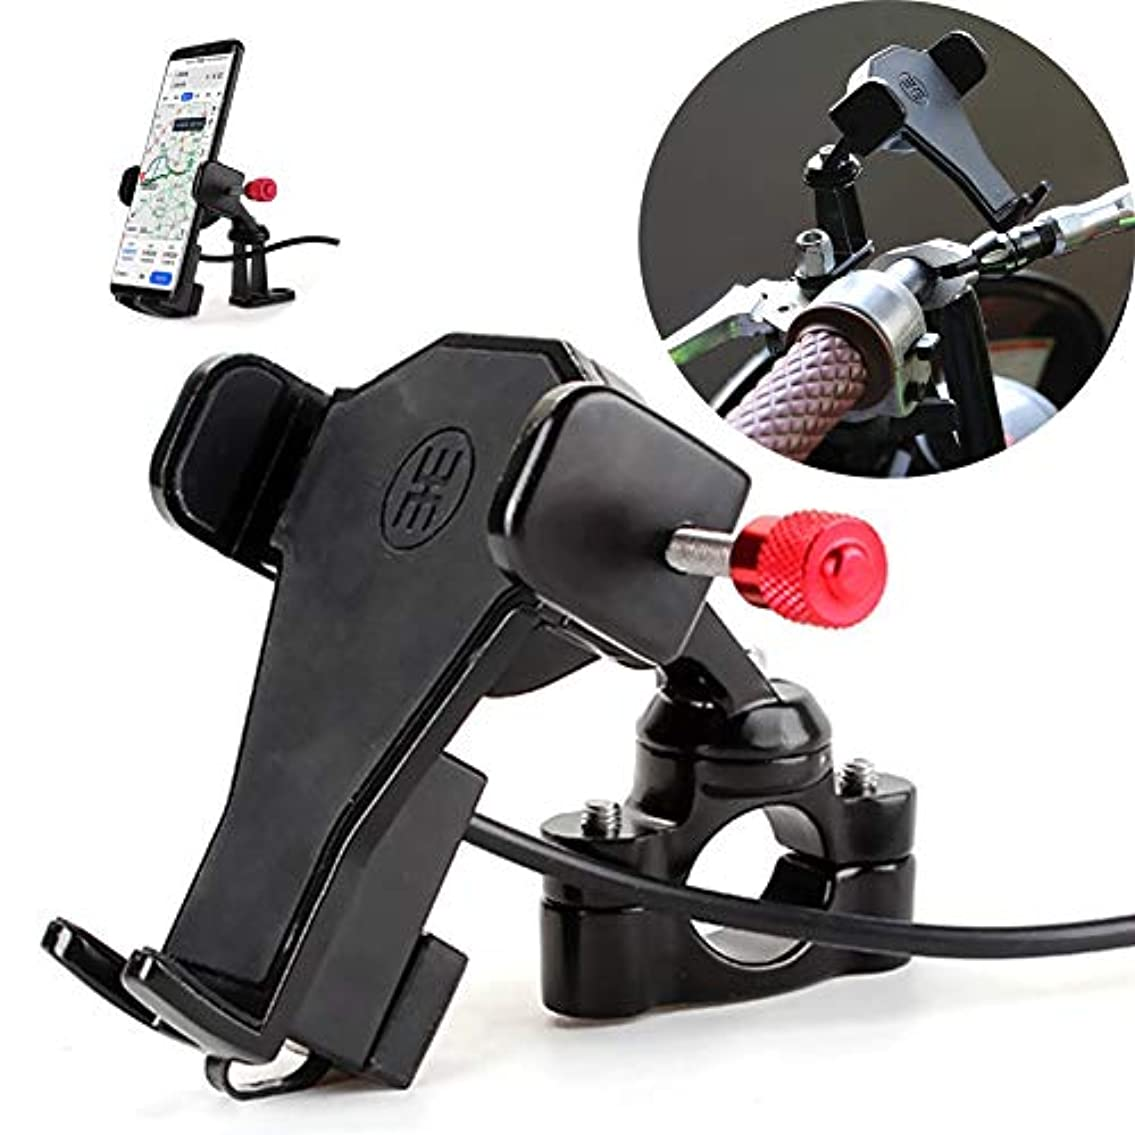 クスクス晴れアベニュー自転車オートバイ携帯電話マウントホルダー - USB充電器付き360度回転、3.5-6.6インチ電話に適しています、あらゆるスマートフォンGPS用 - ユニバーサルマウンテンロードバイクオートバイ